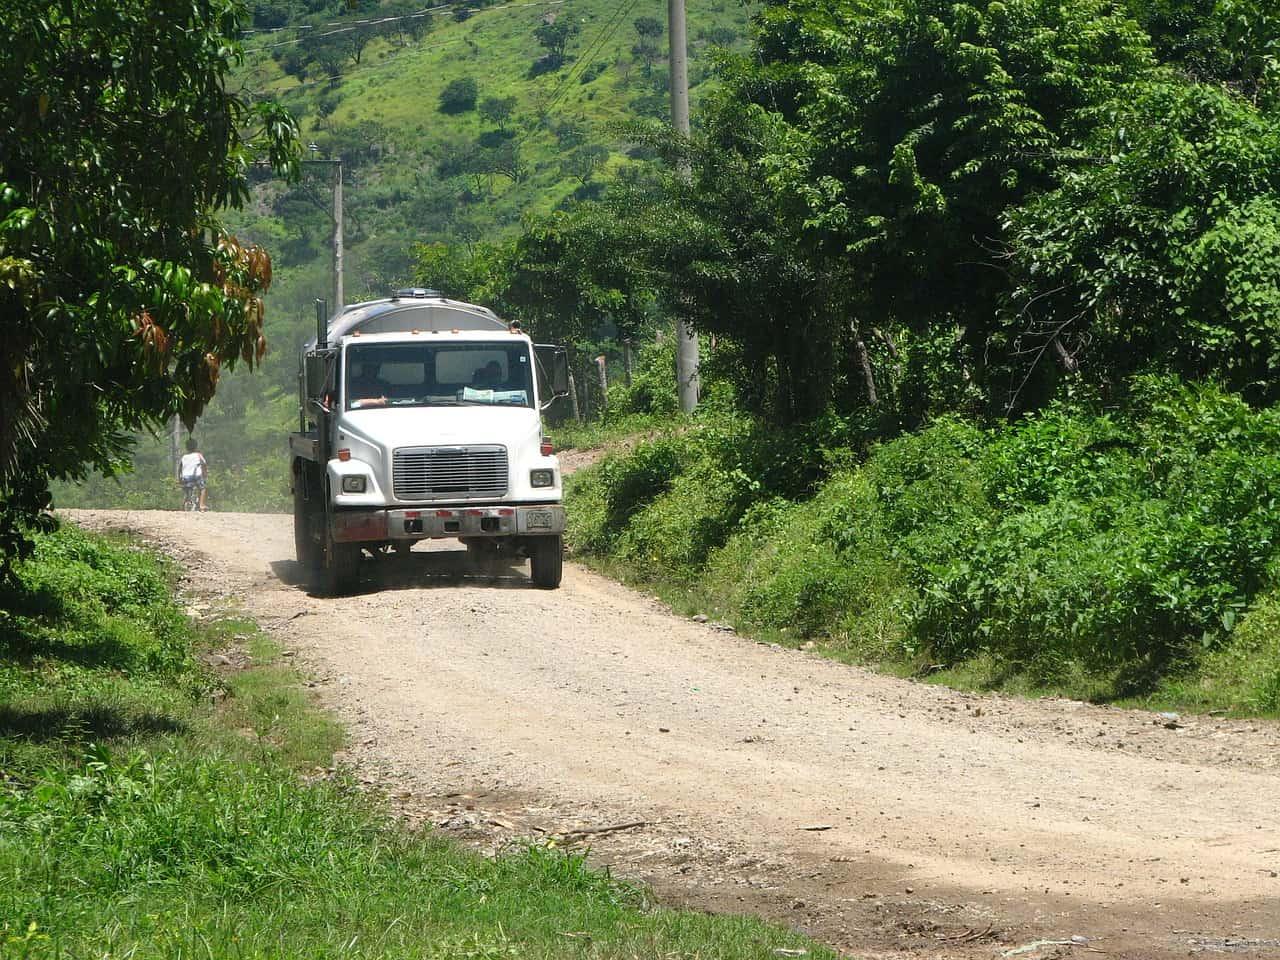 Philippines : de retour de fiançailles, un camion tombe dans un ravin, tuant la fiancée